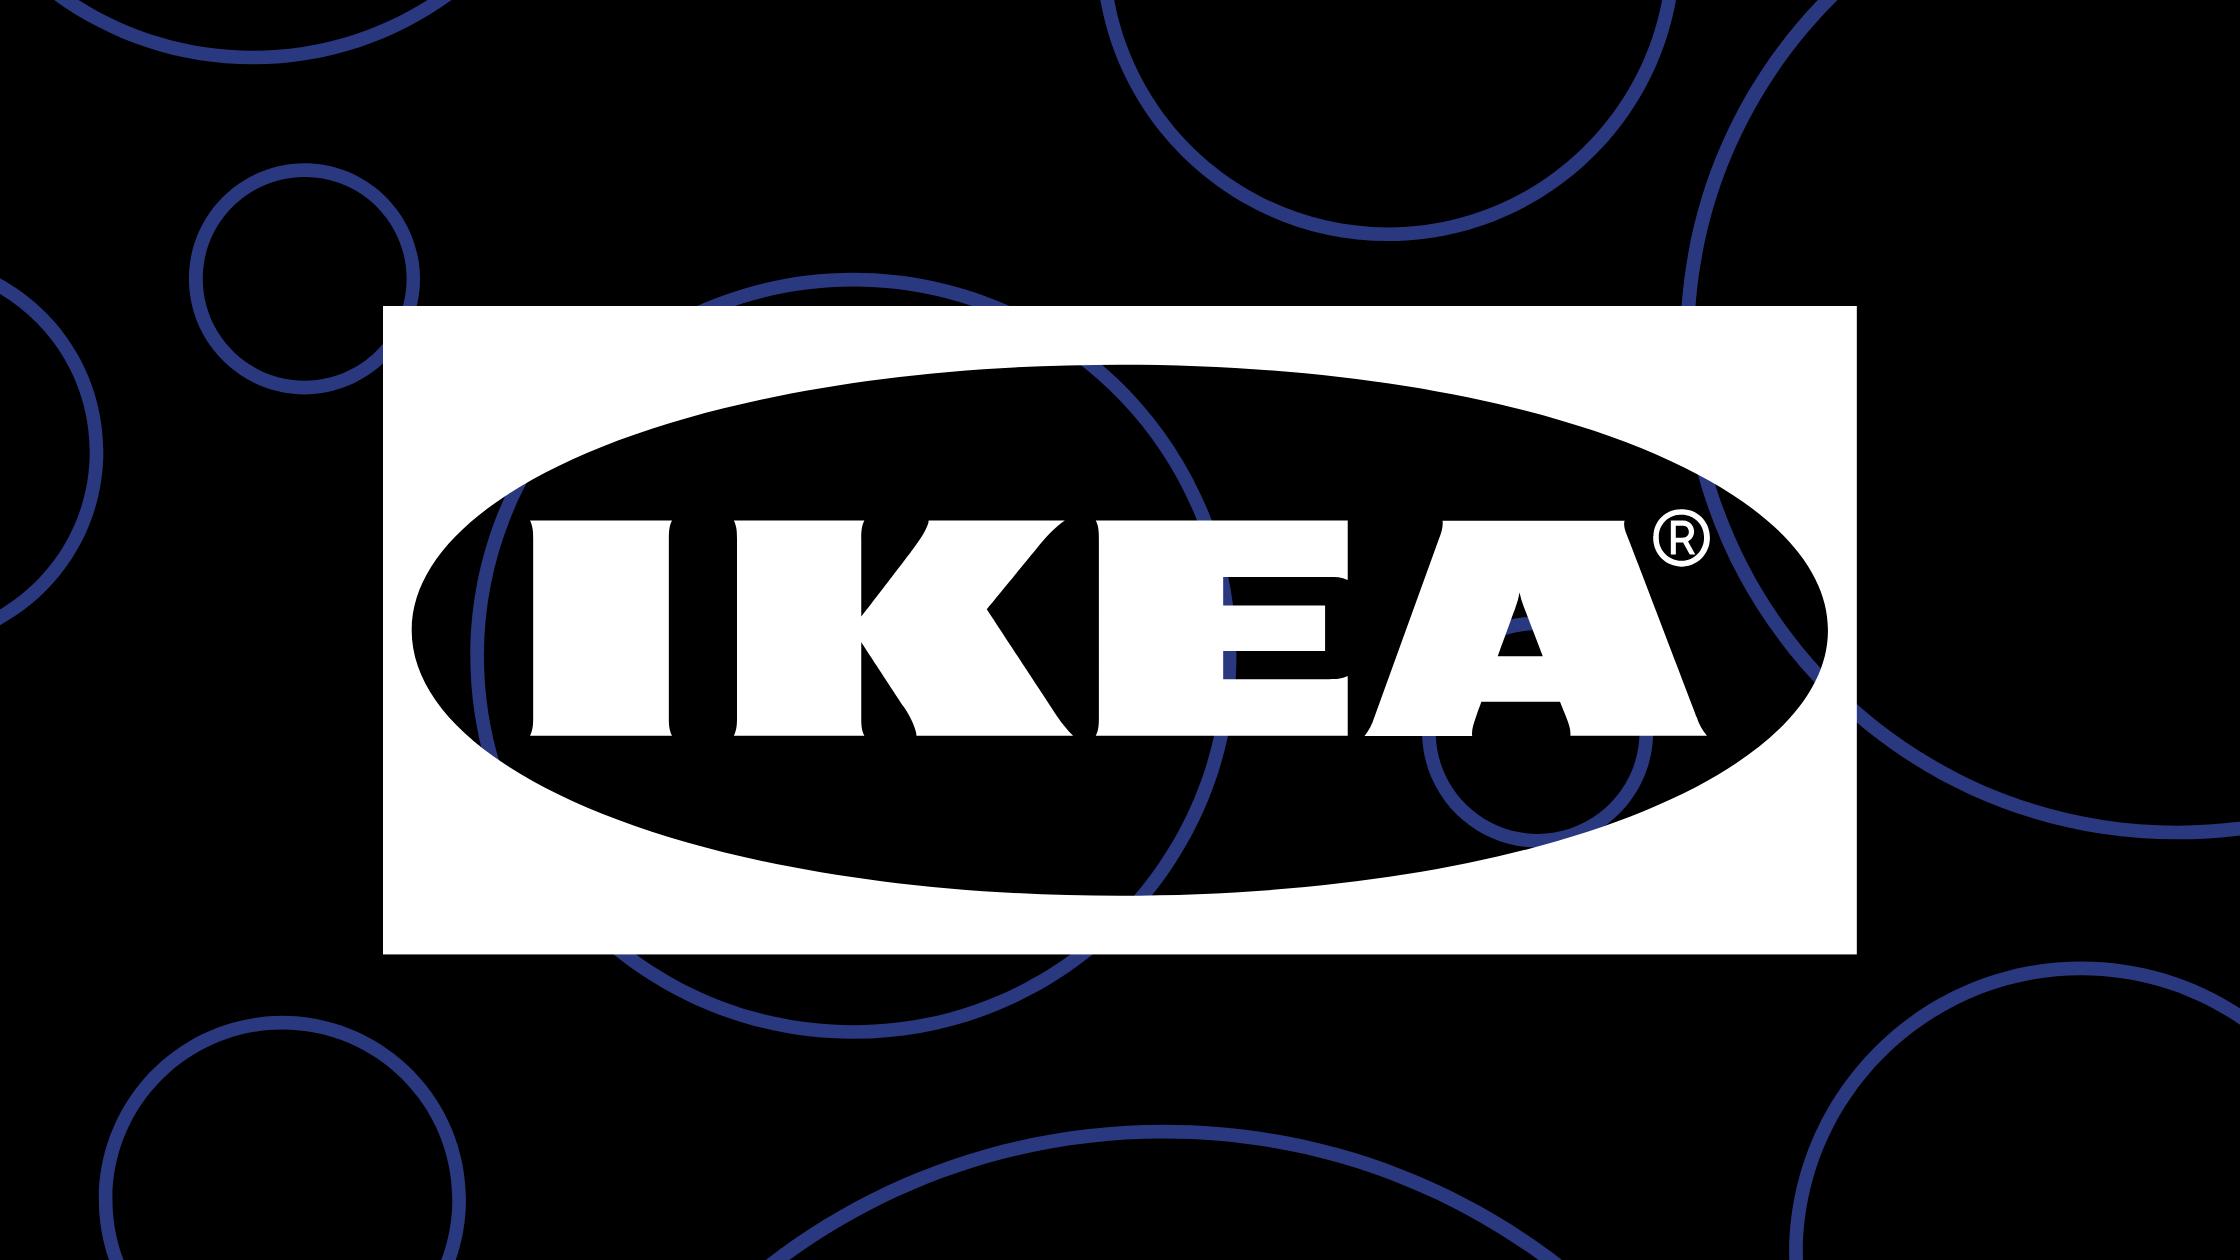 شاحن لاسلكي جديد من Ikea يمكنه الشحن من خلال الطاولة!